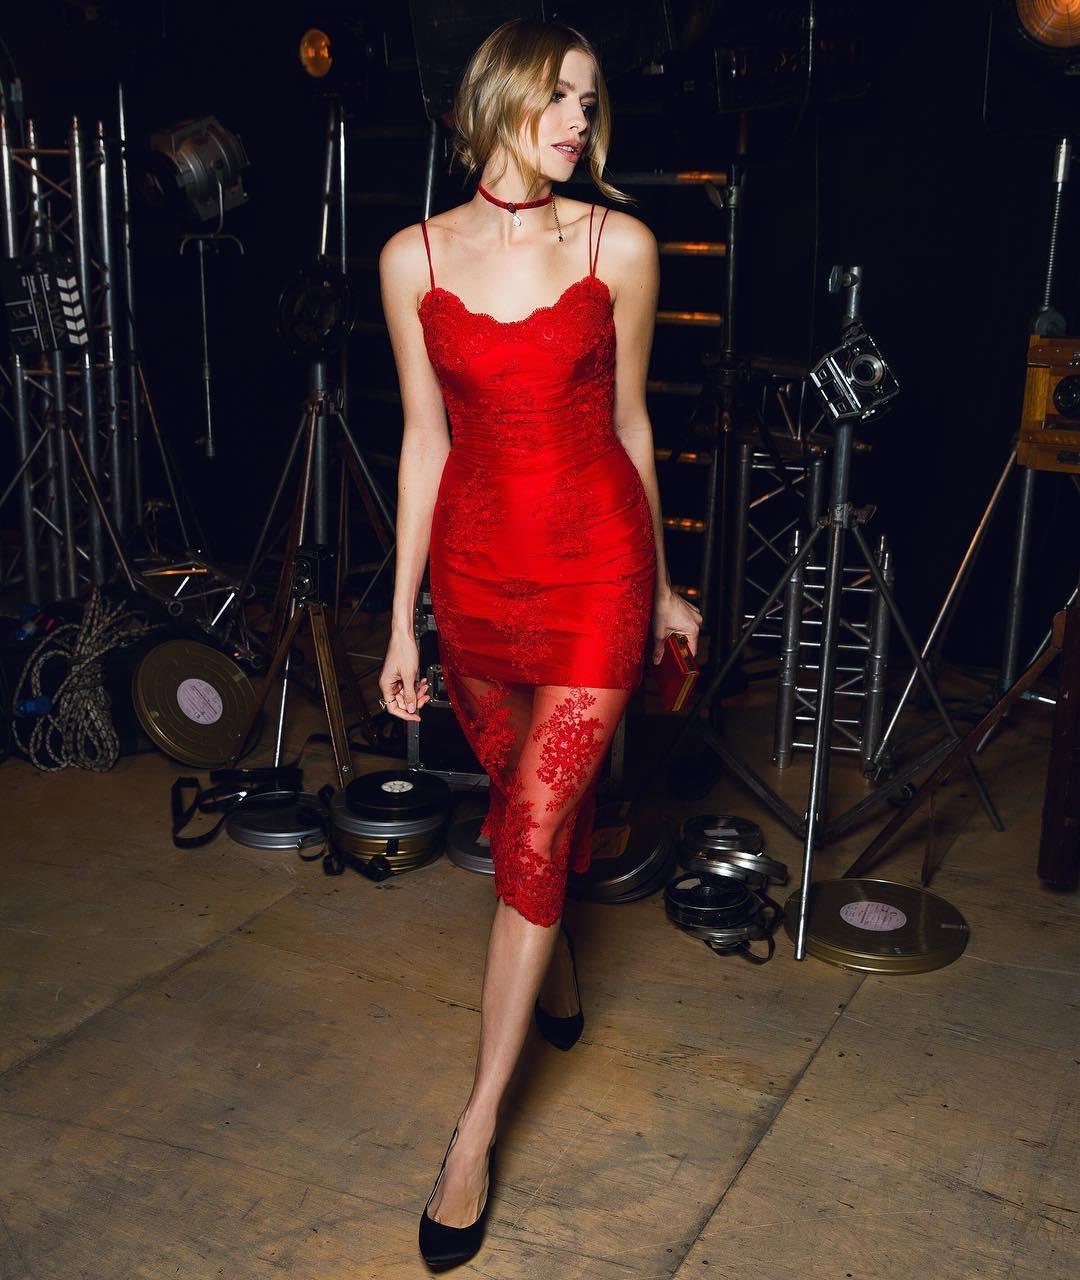 жена в сексуальном платье видео